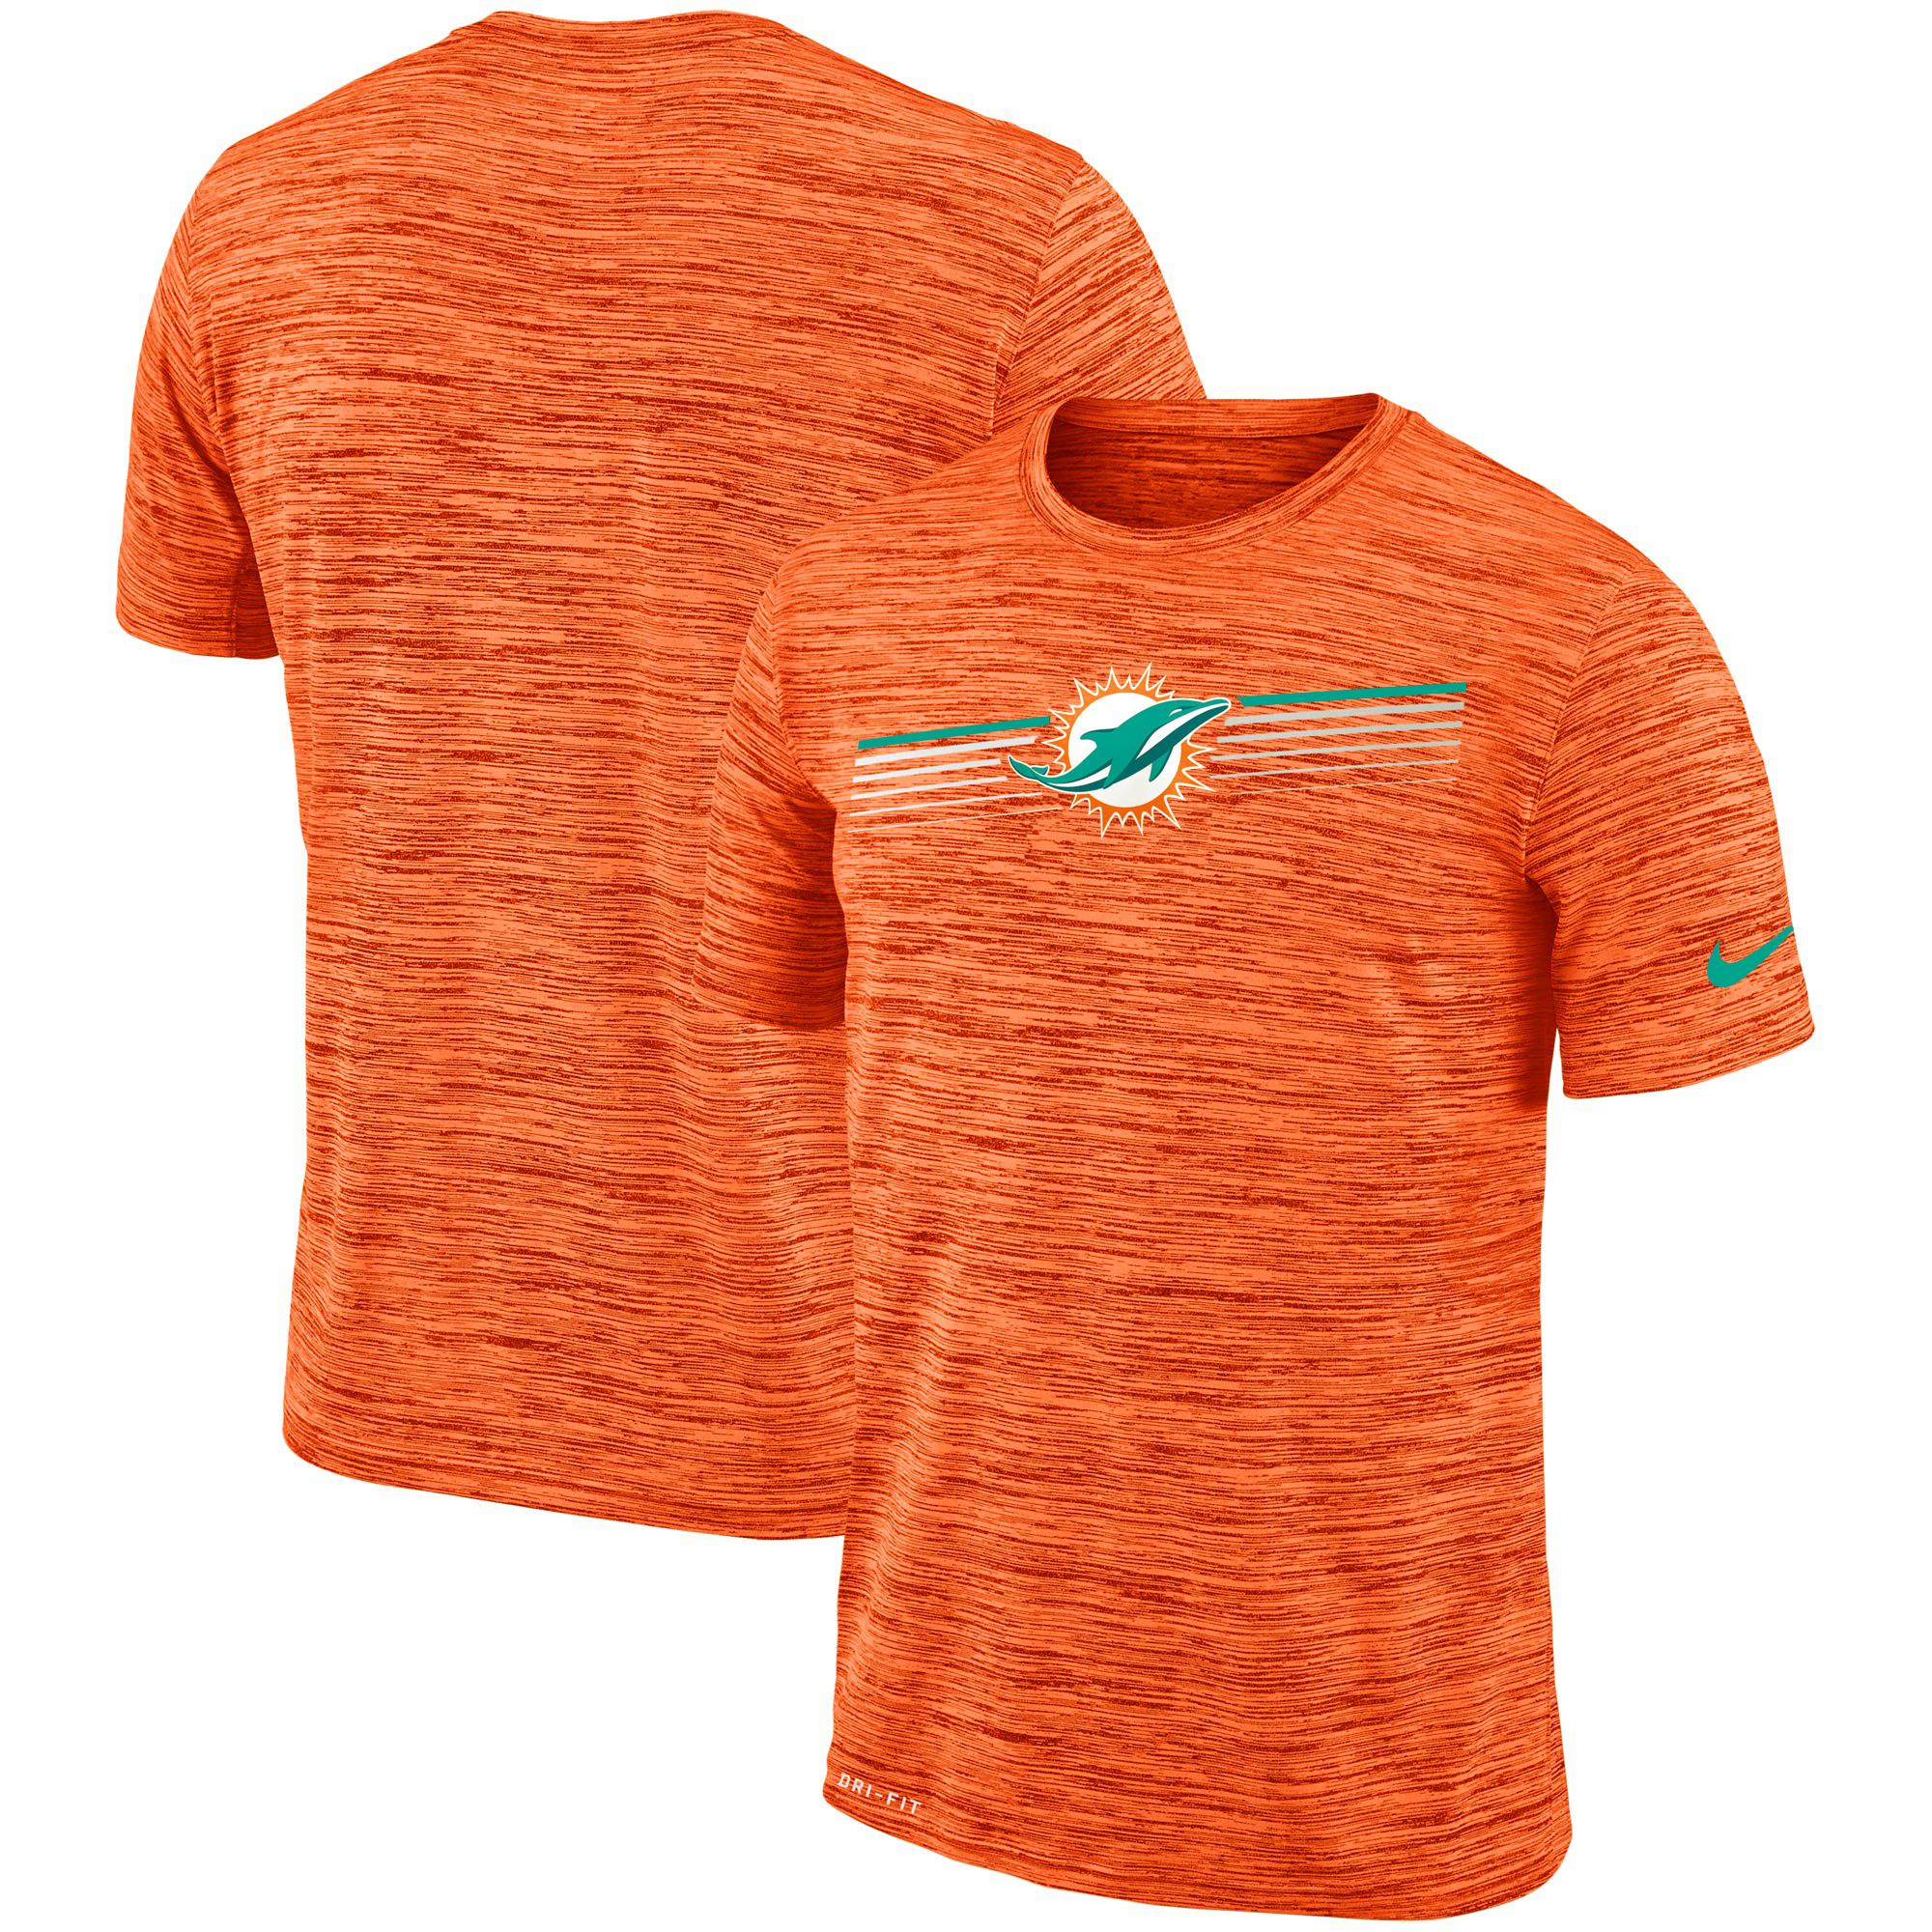 Miami Dolphins Nike Sideline Velocity Performance T-Shirt Heathered Orange